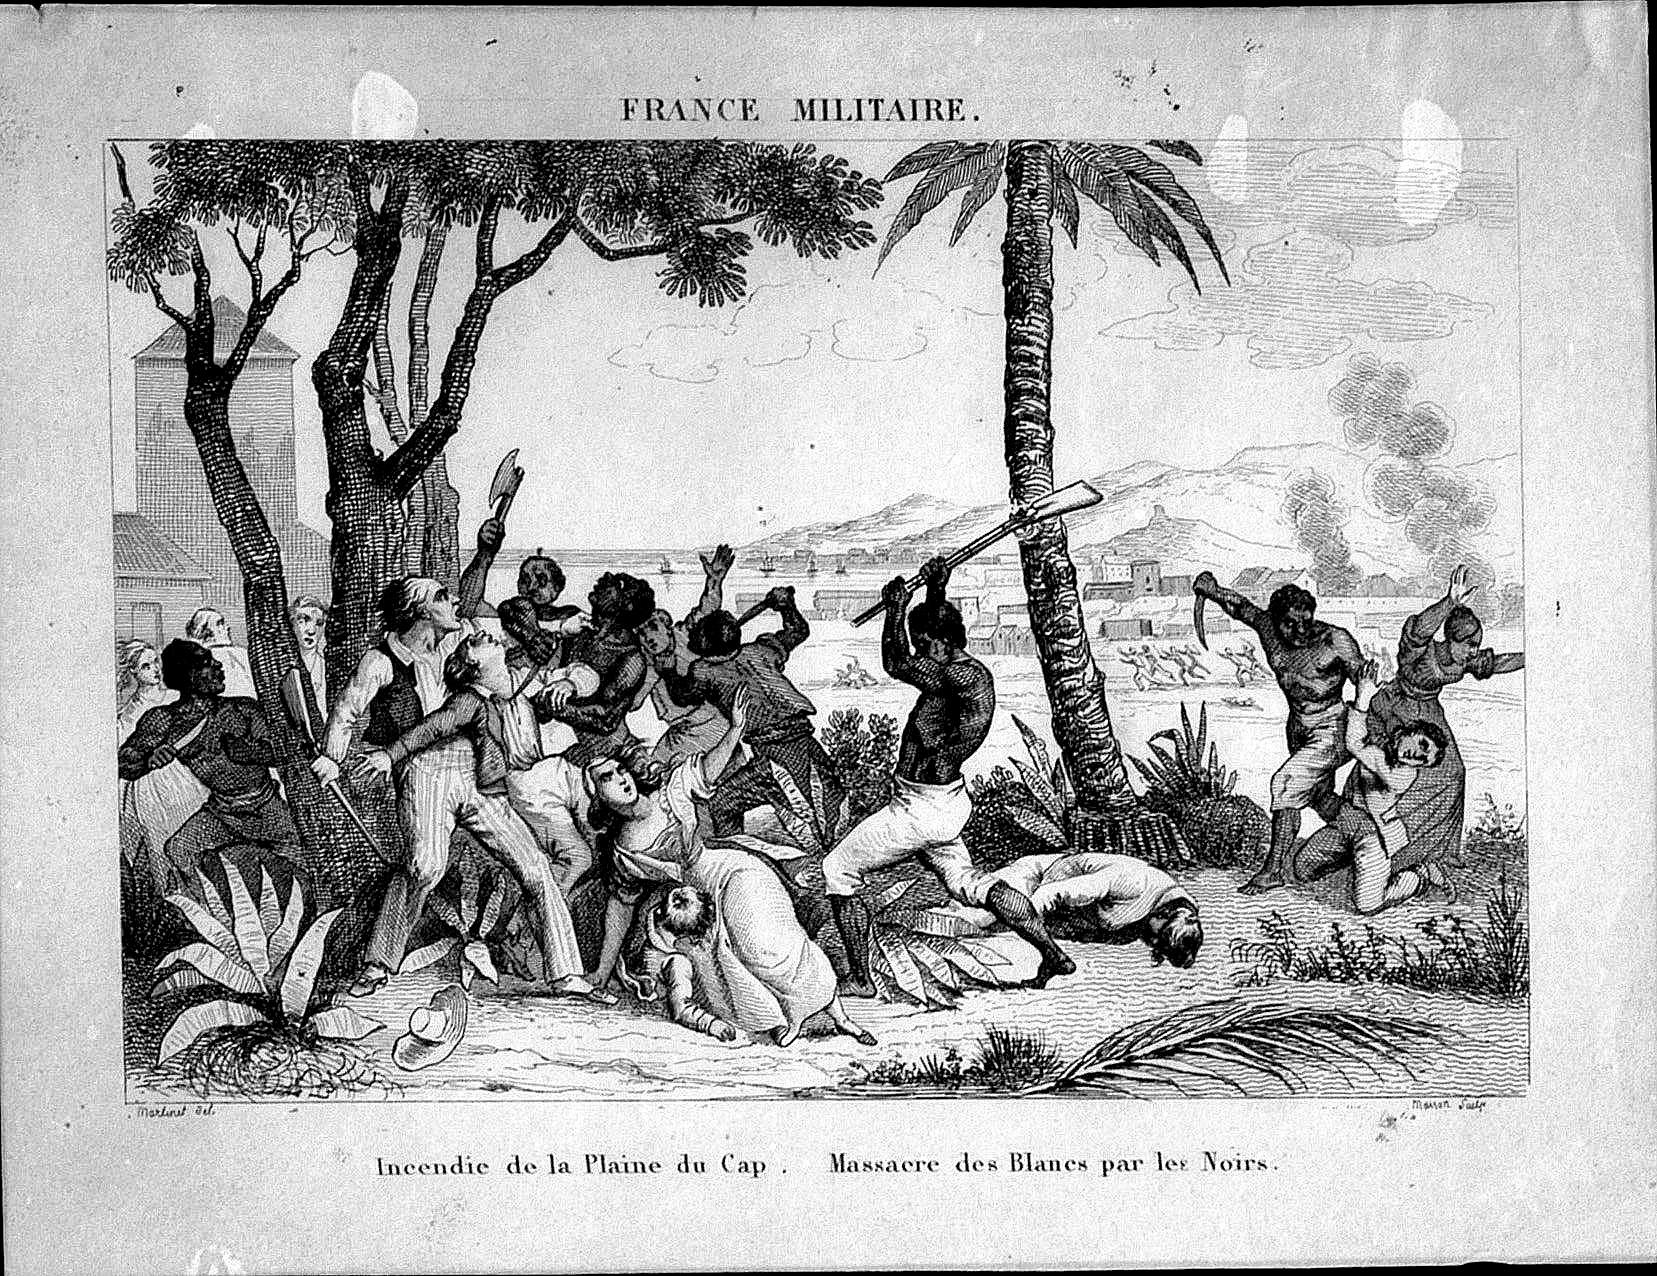 an revolution essay file incendie de la plaine du cap  file incendie de la plaine du cap massacre des blancs par les file incendie de la